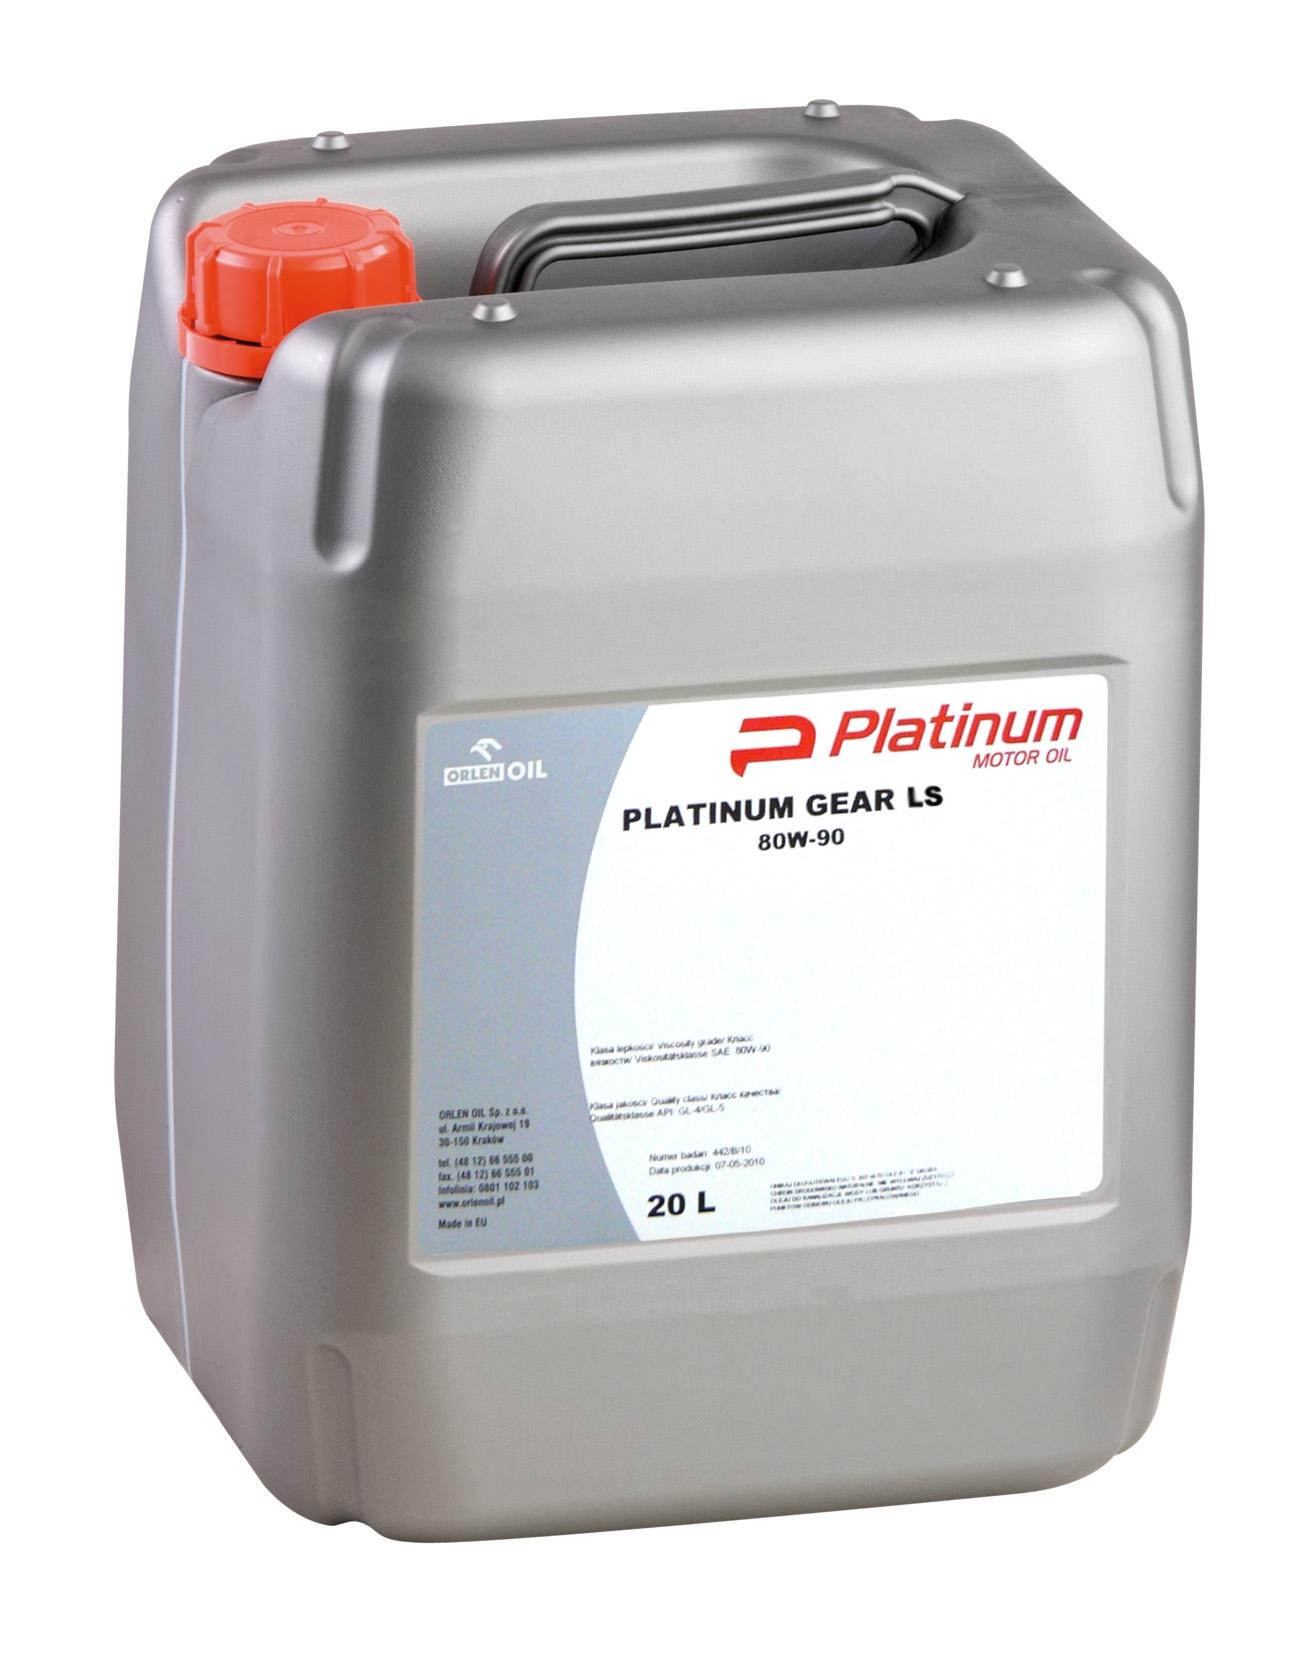 PLATINUM GEAR LS 80W/90    KP 20L